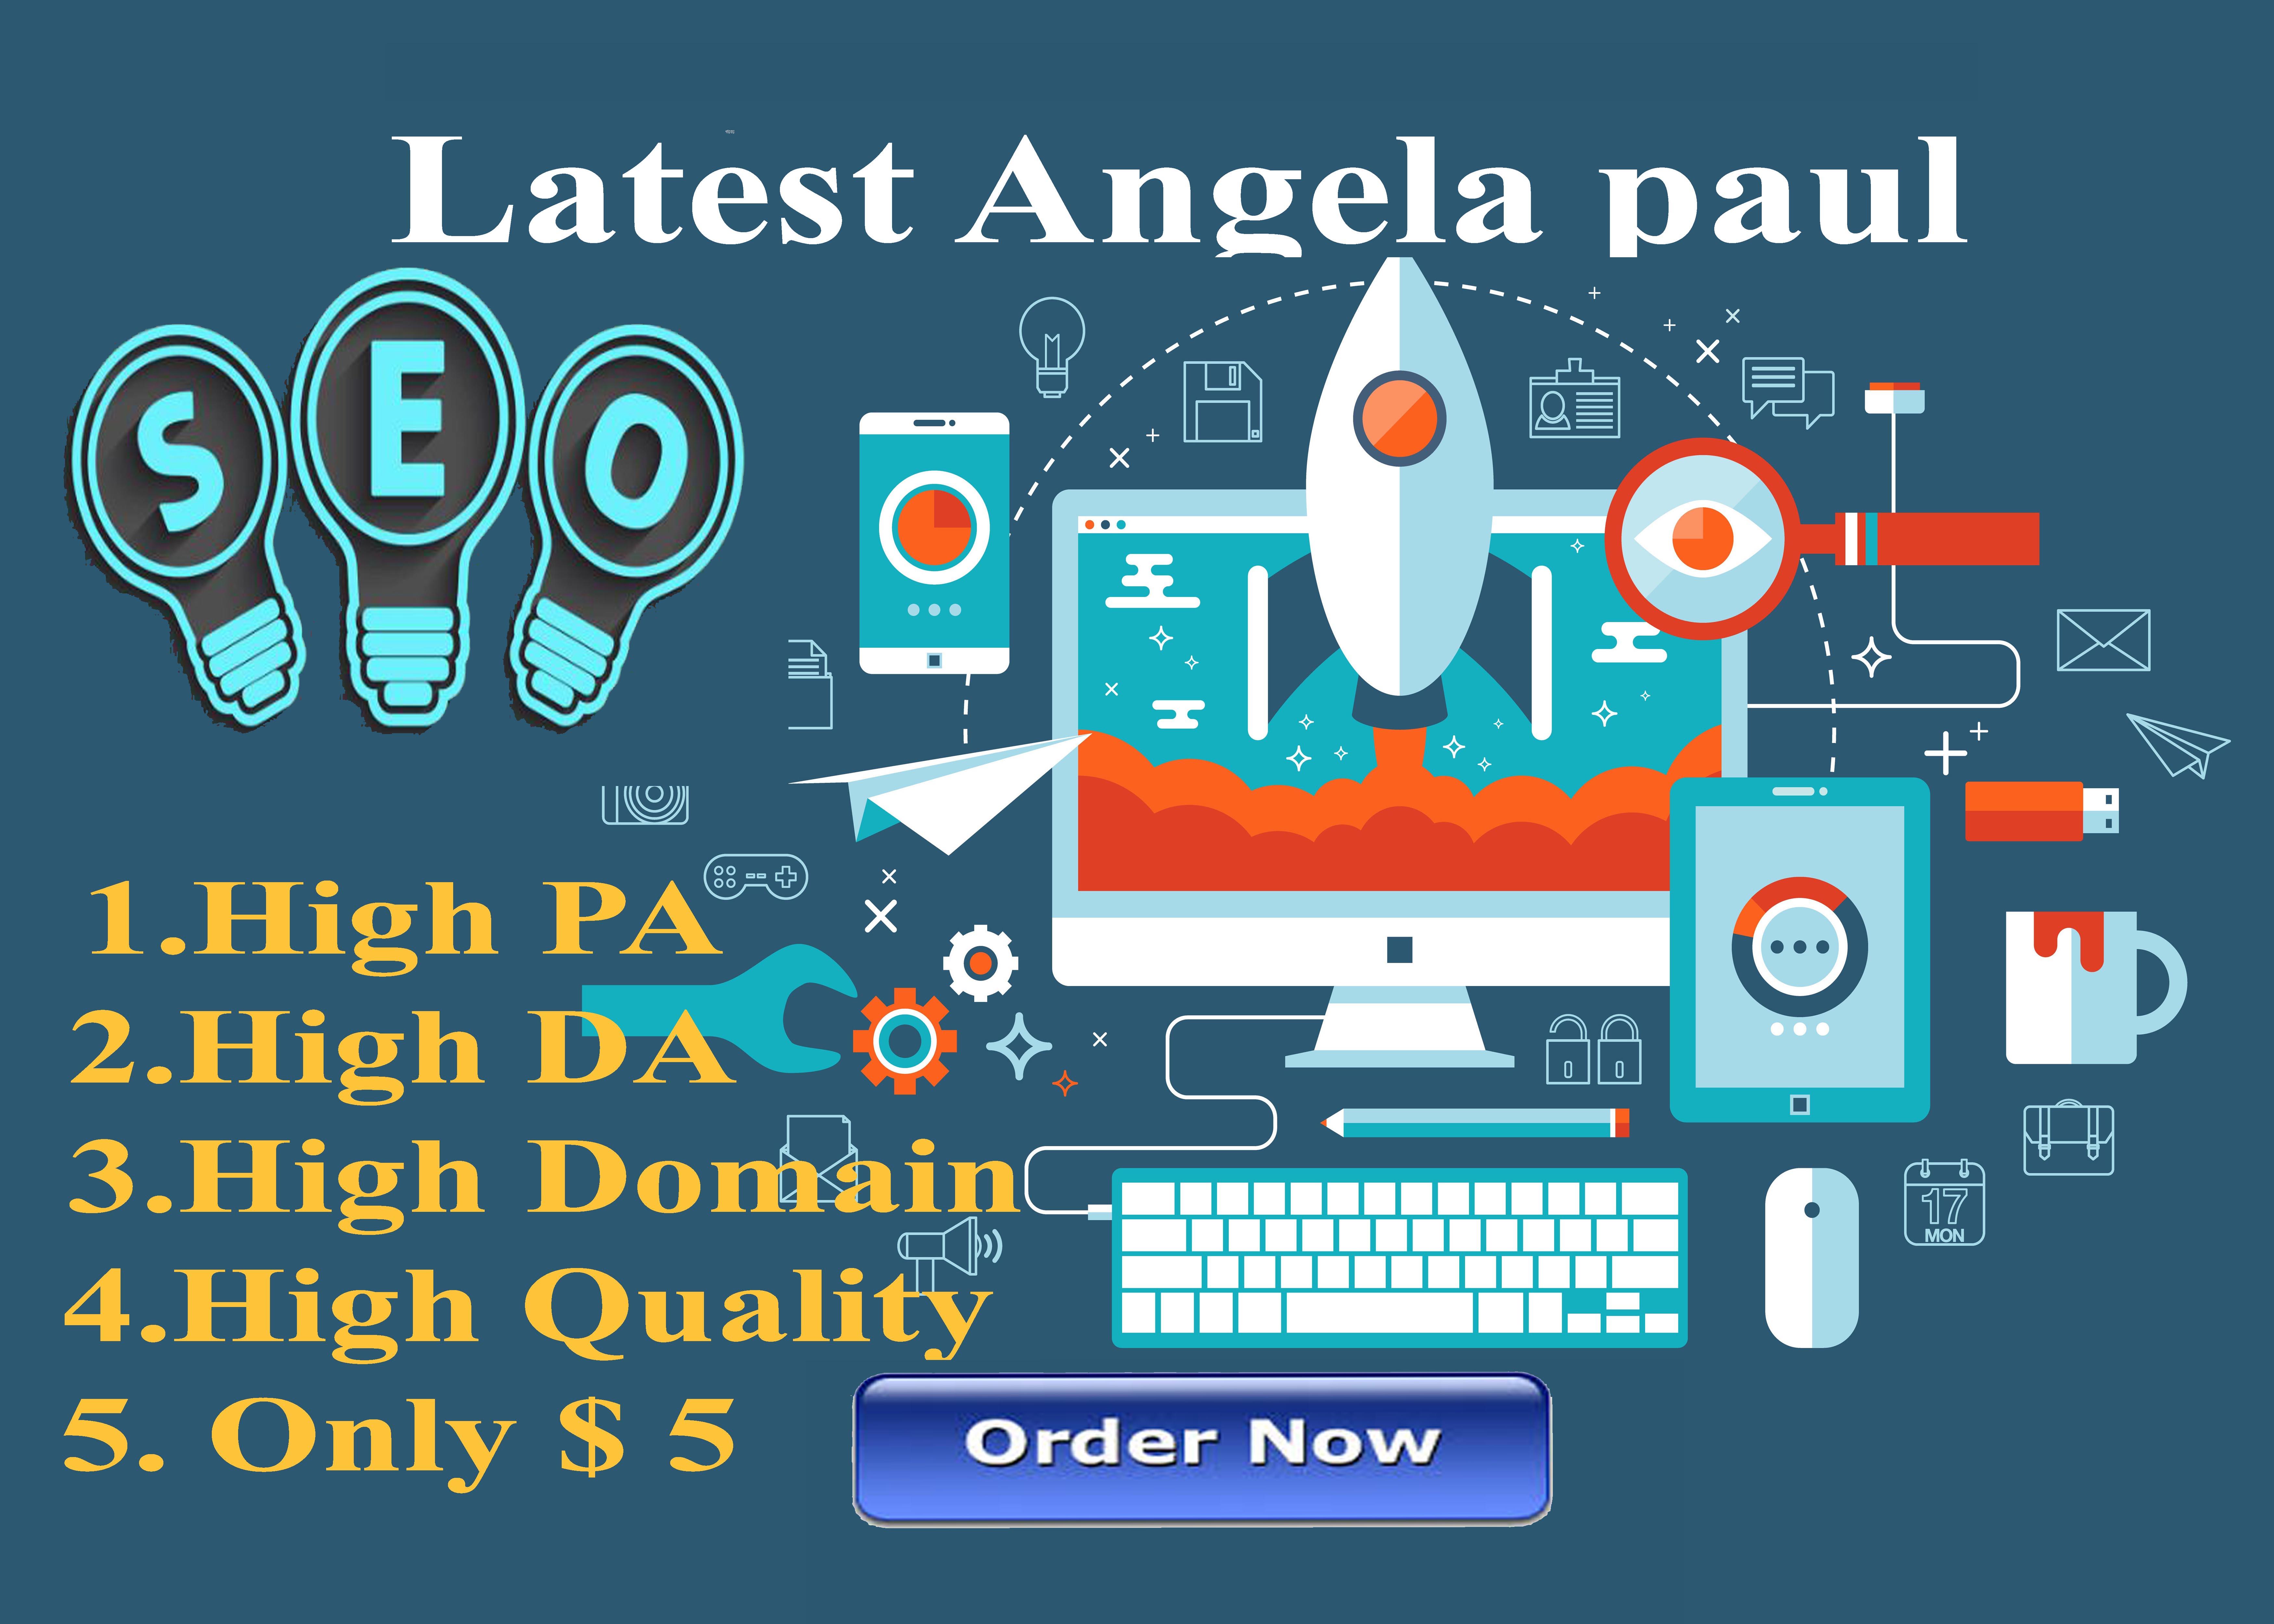 I Create 60 Latest Angela Paul, High Quality, Backlinks